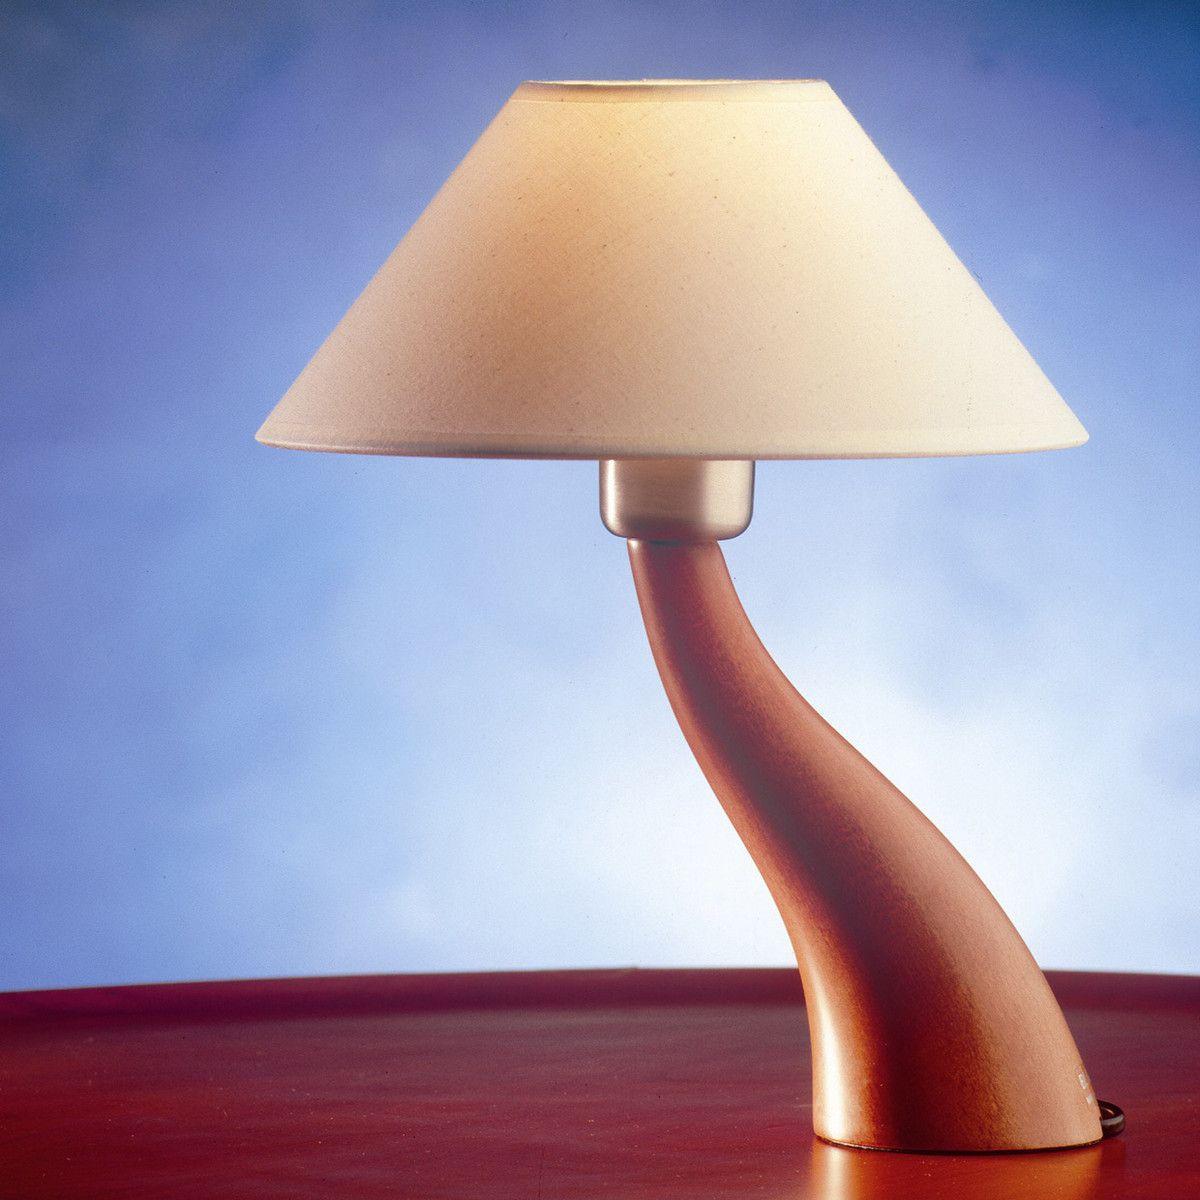 Bonsai Table L& Mahogany by Estudio Blauet & Bonsai Table Lamp Mahogany by Estudio Blauet | Lighting ... azcodes.com